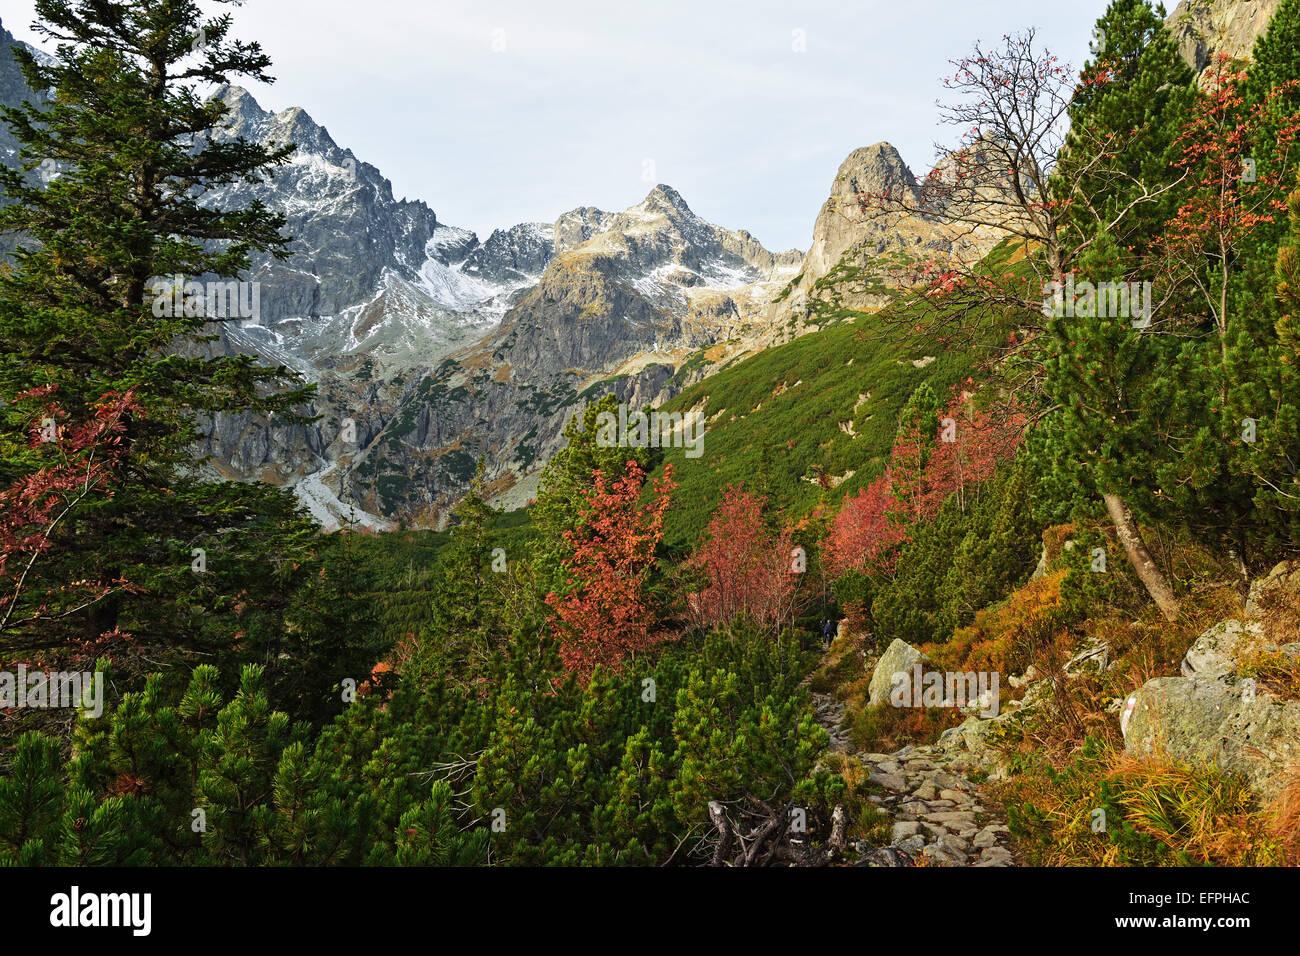 High Tatras (Vysoke Tatry), Slovakia, Europe - Stock Image